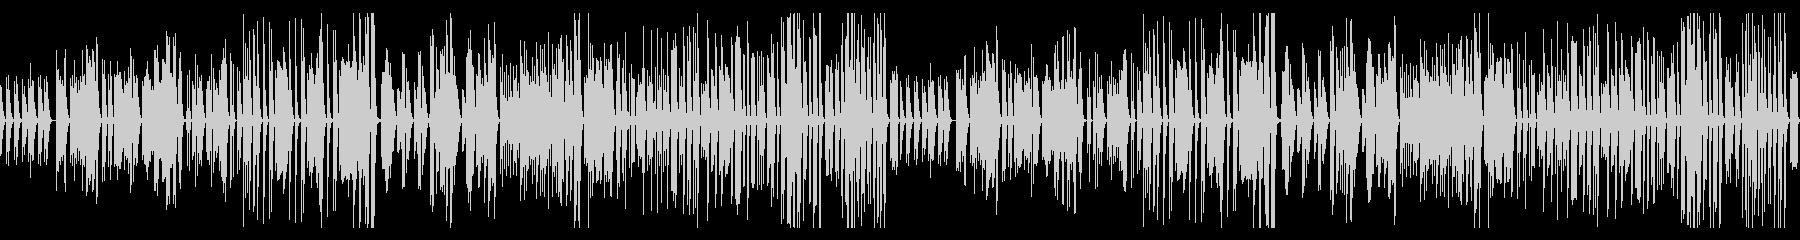 ゆったりシンプルですこしコミカルな曲の未再生の波形